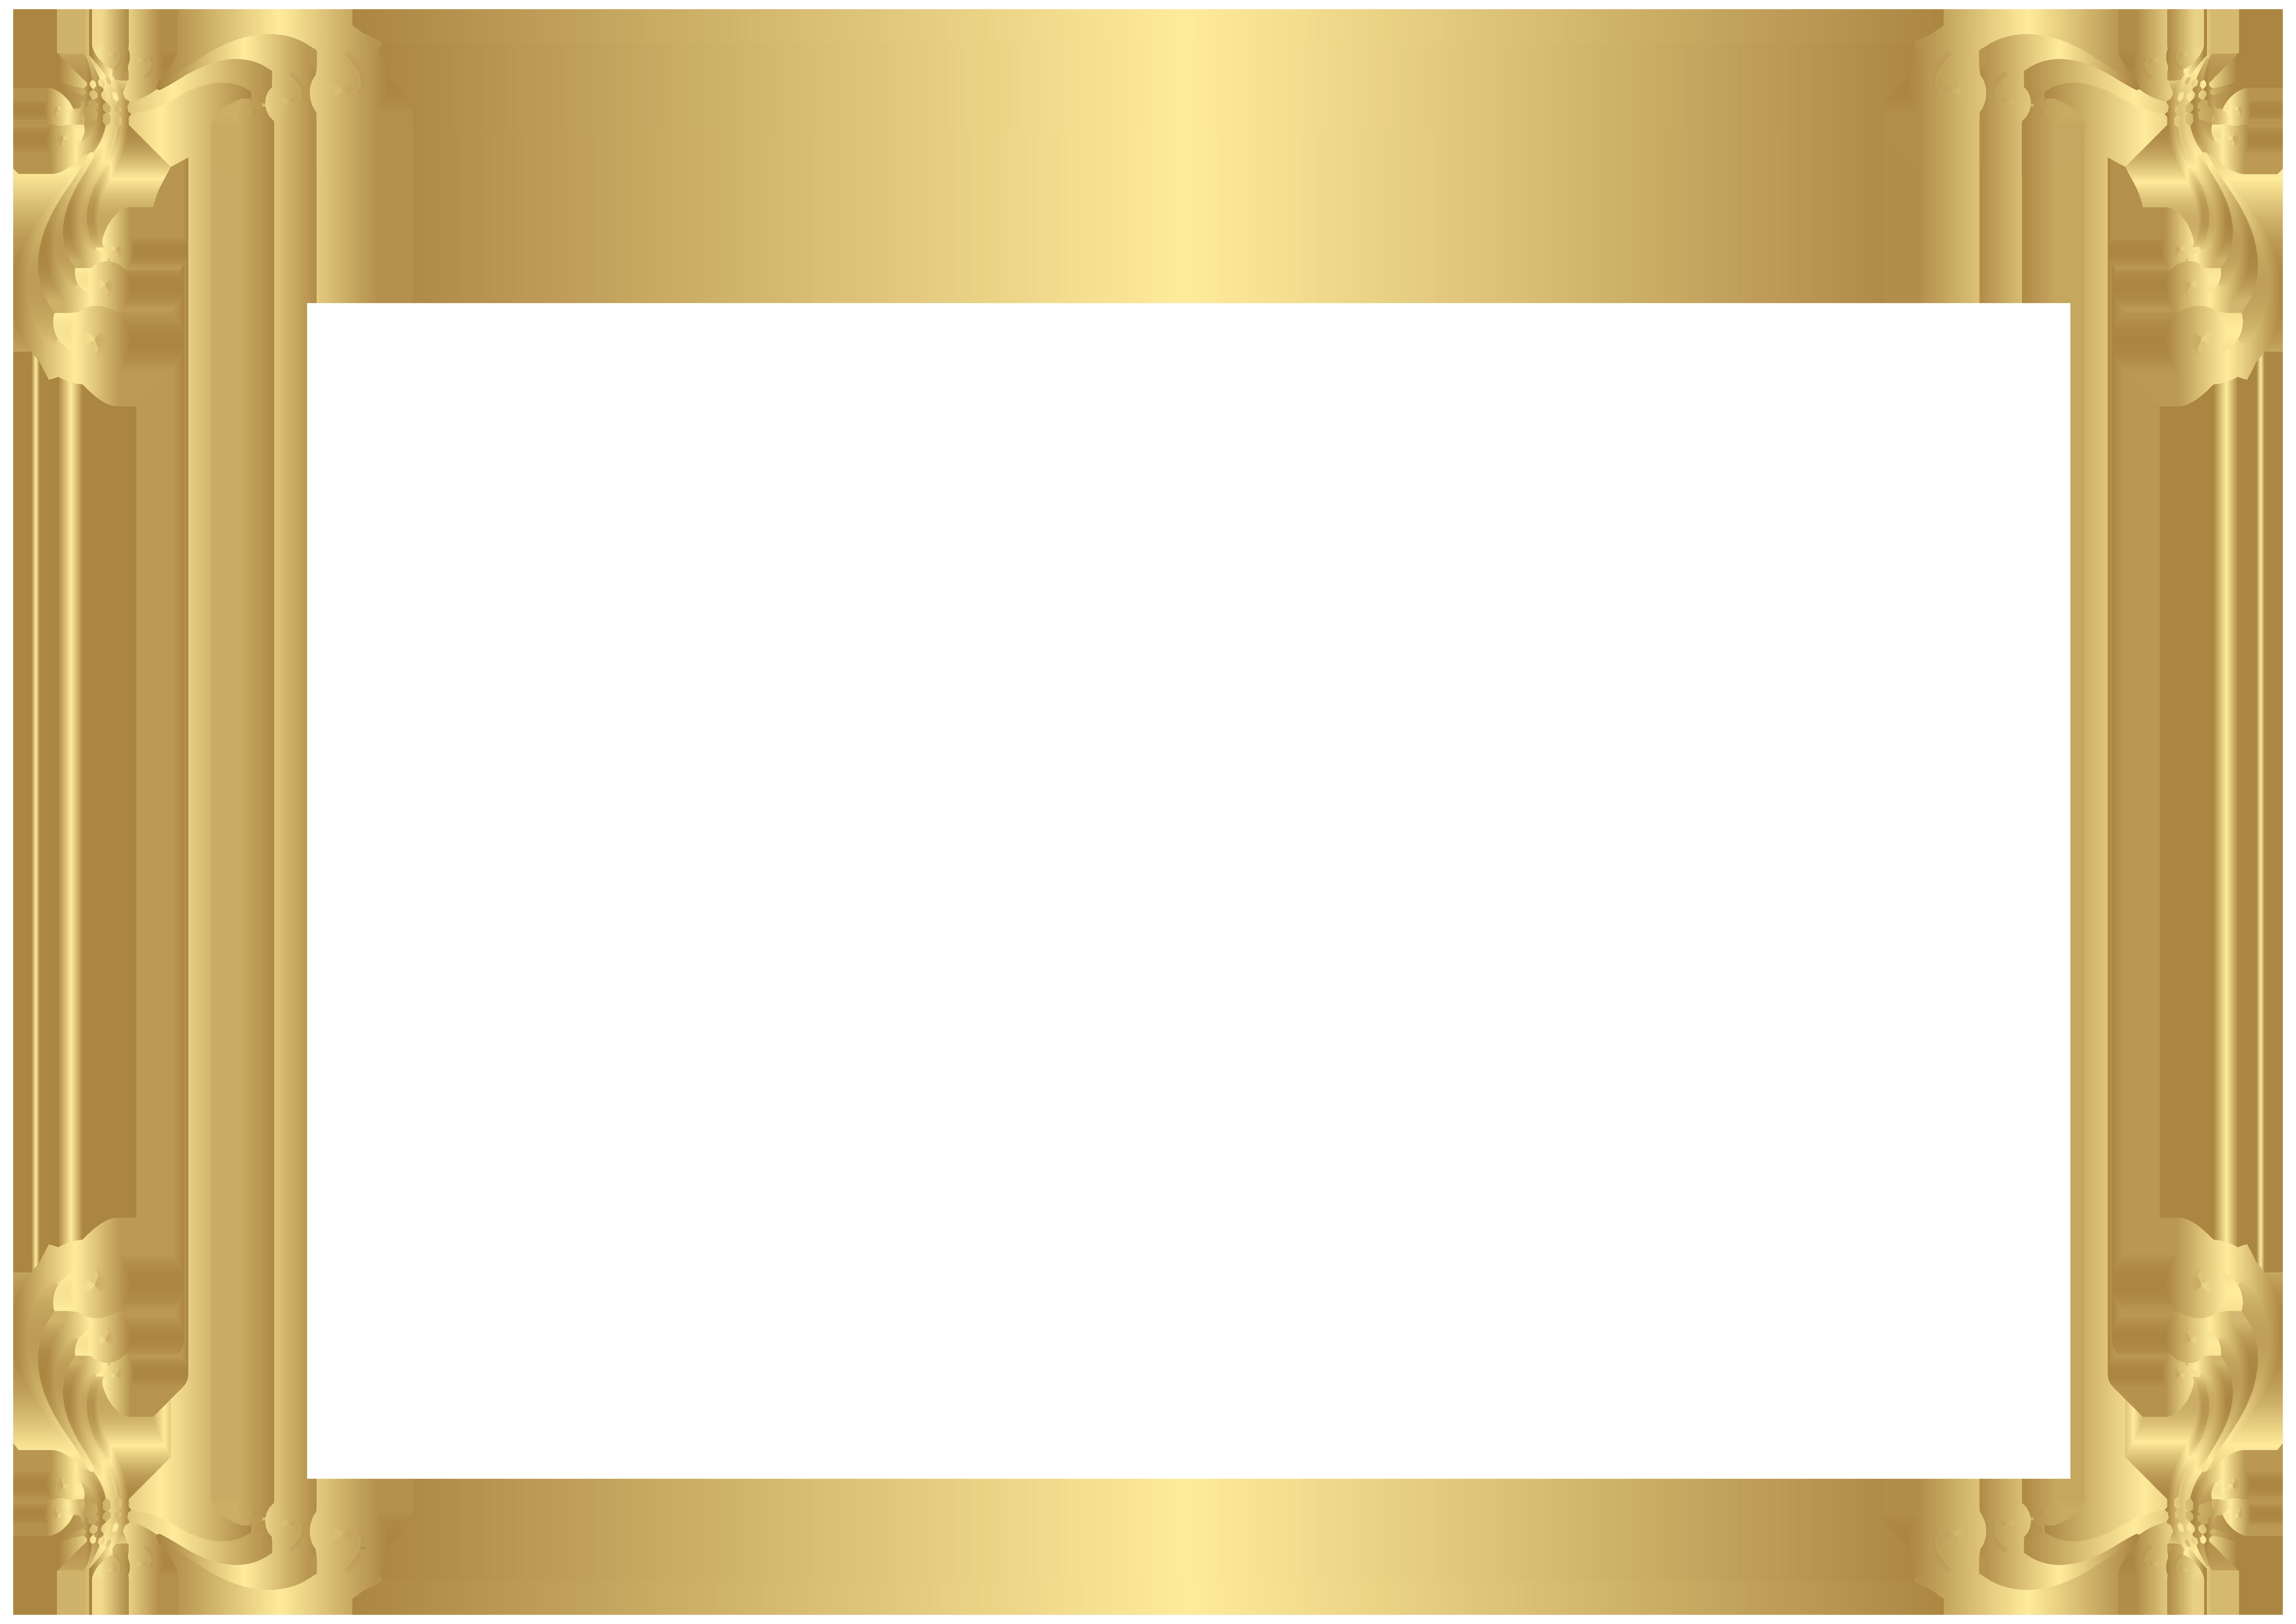 Frame Border Clip Art PNG Image.